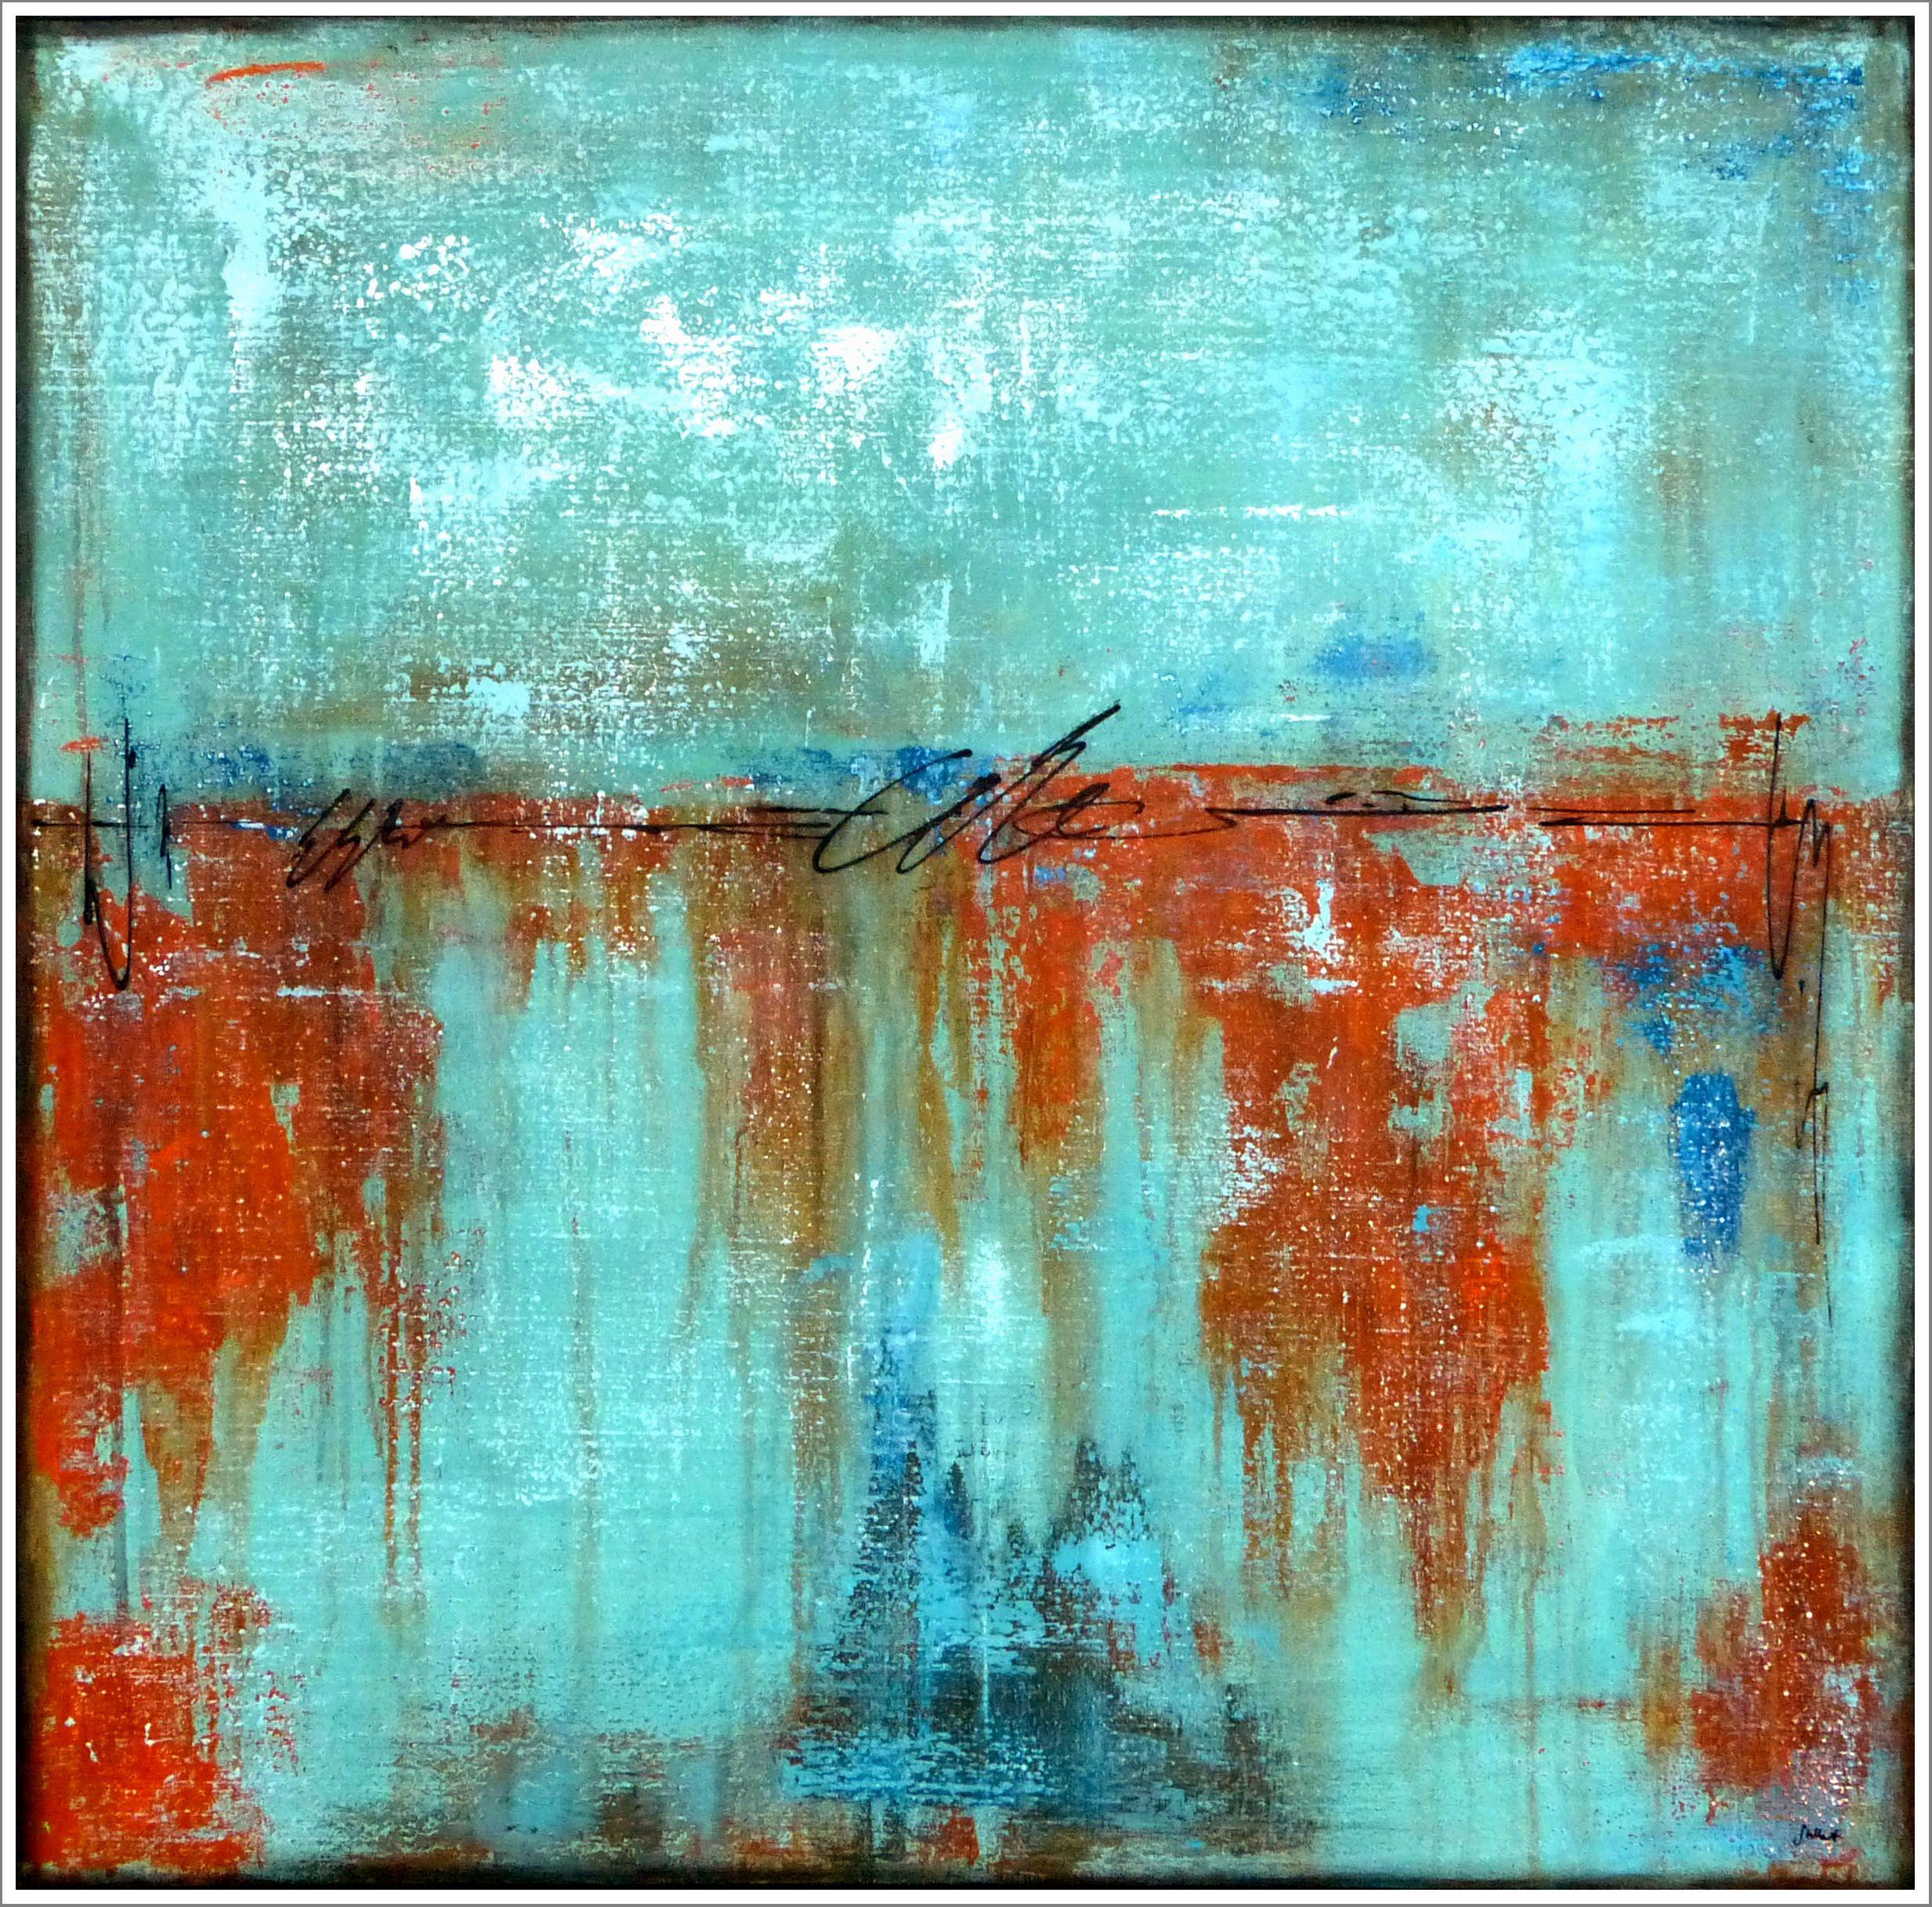 stella hettner bild original kunst gemalde modern malerei abstrakt acryl neu abstract painting abstrakte acrylbilder rot schwarz wohnzimmer bilder